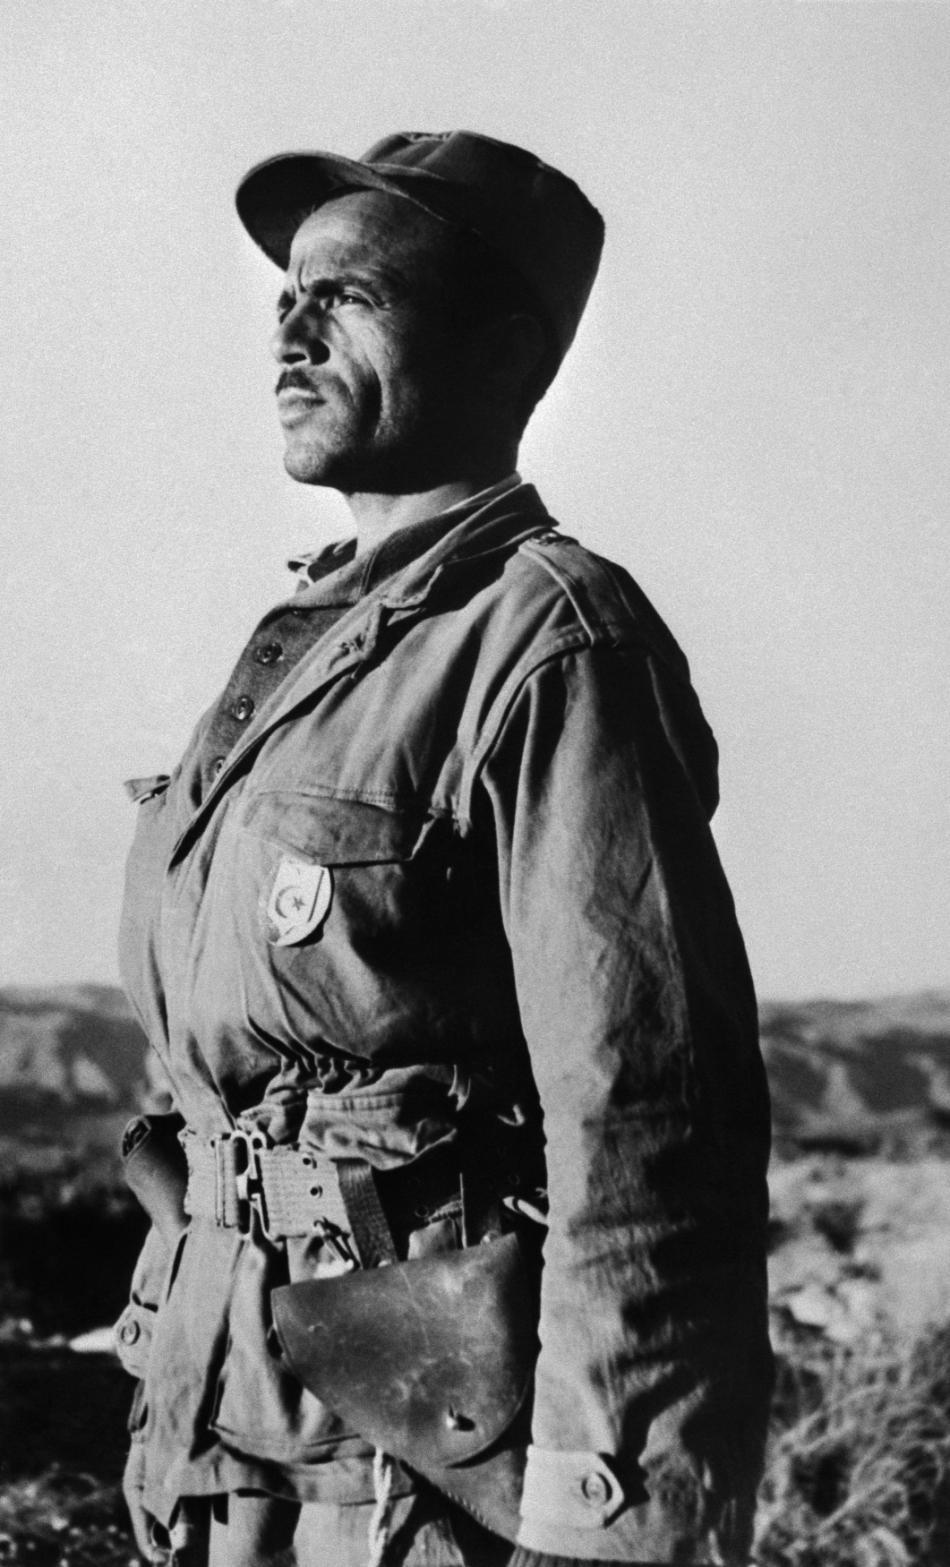 Příslušník alžírské osvobozenecké armády